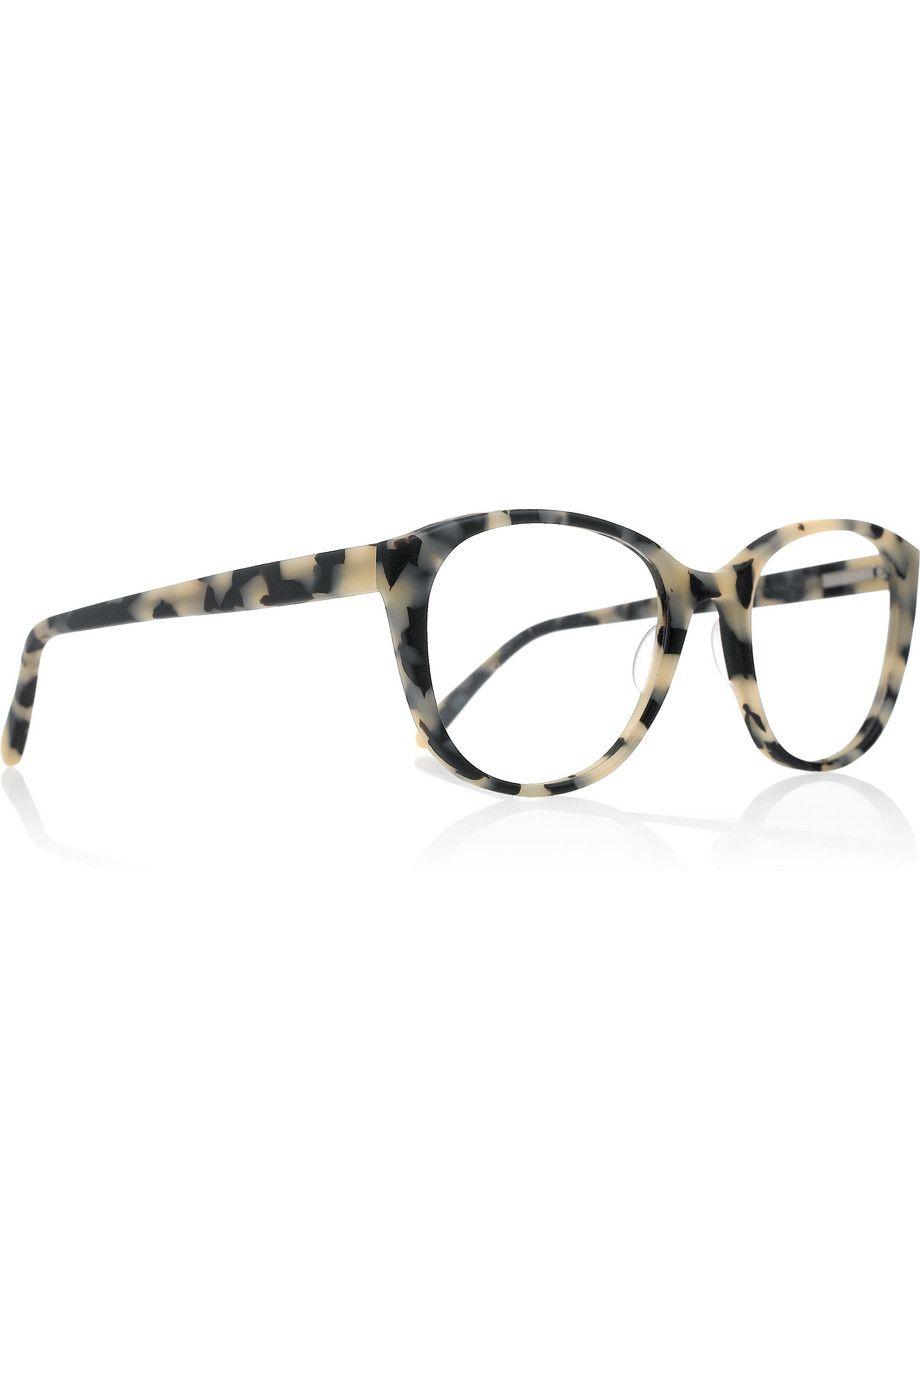 7c172e26c1d1 I love big nerdy glasses